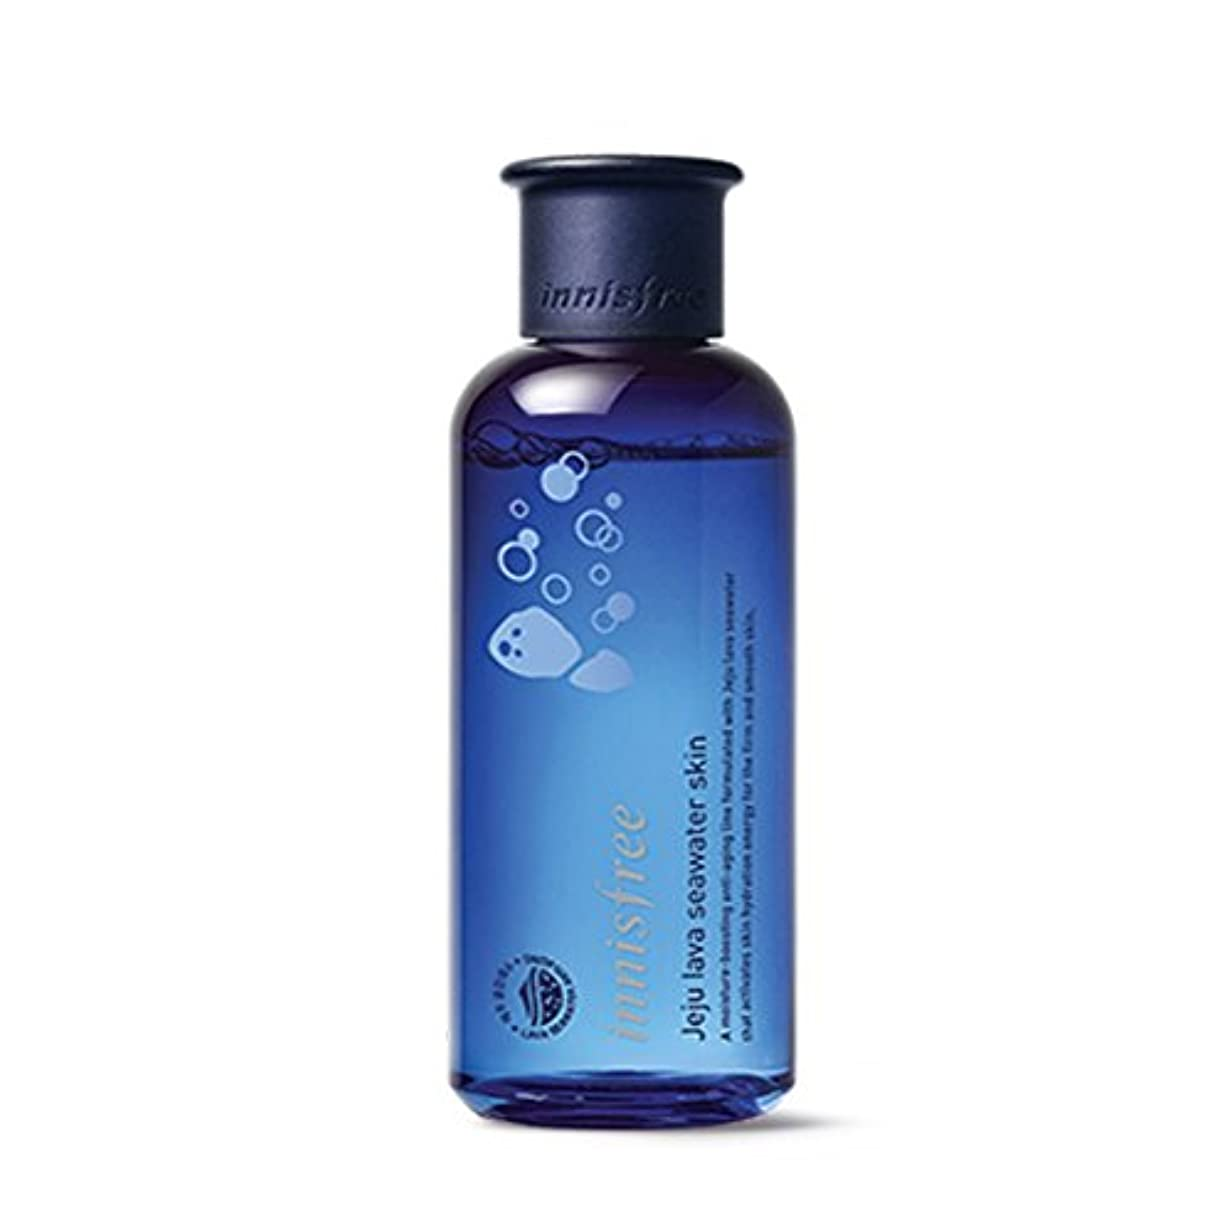 薬剤師高尚な評決イニスフリージェジュラブシーウォータースキン(トナー)200ml Innisfree Jeju Lava Seawater Skin(Toner) 200ml [外直送品][並行輸入品]